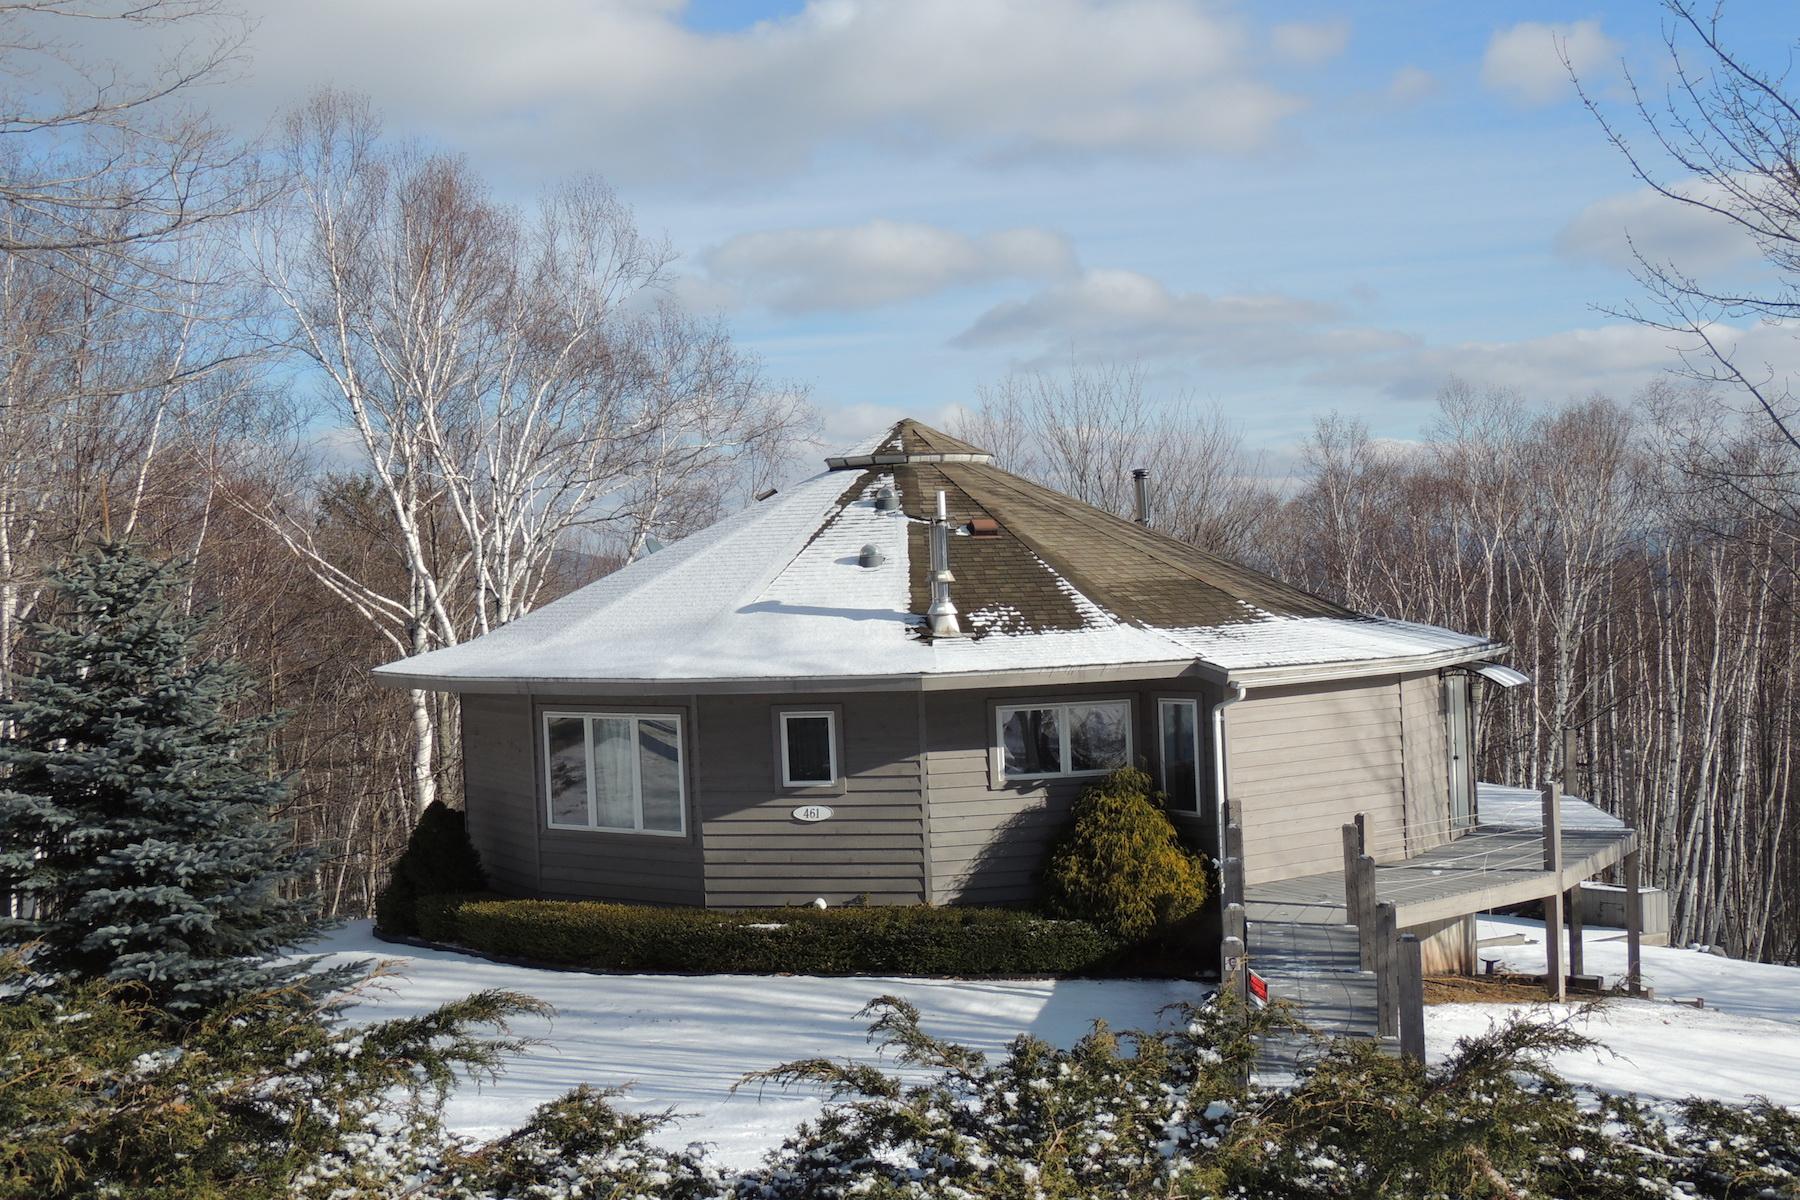 其它住宅 为 销售 在 Round House with Catskill Mountain Views 461 Beshroner Rd Prattsville, 纽约州 12468 美国